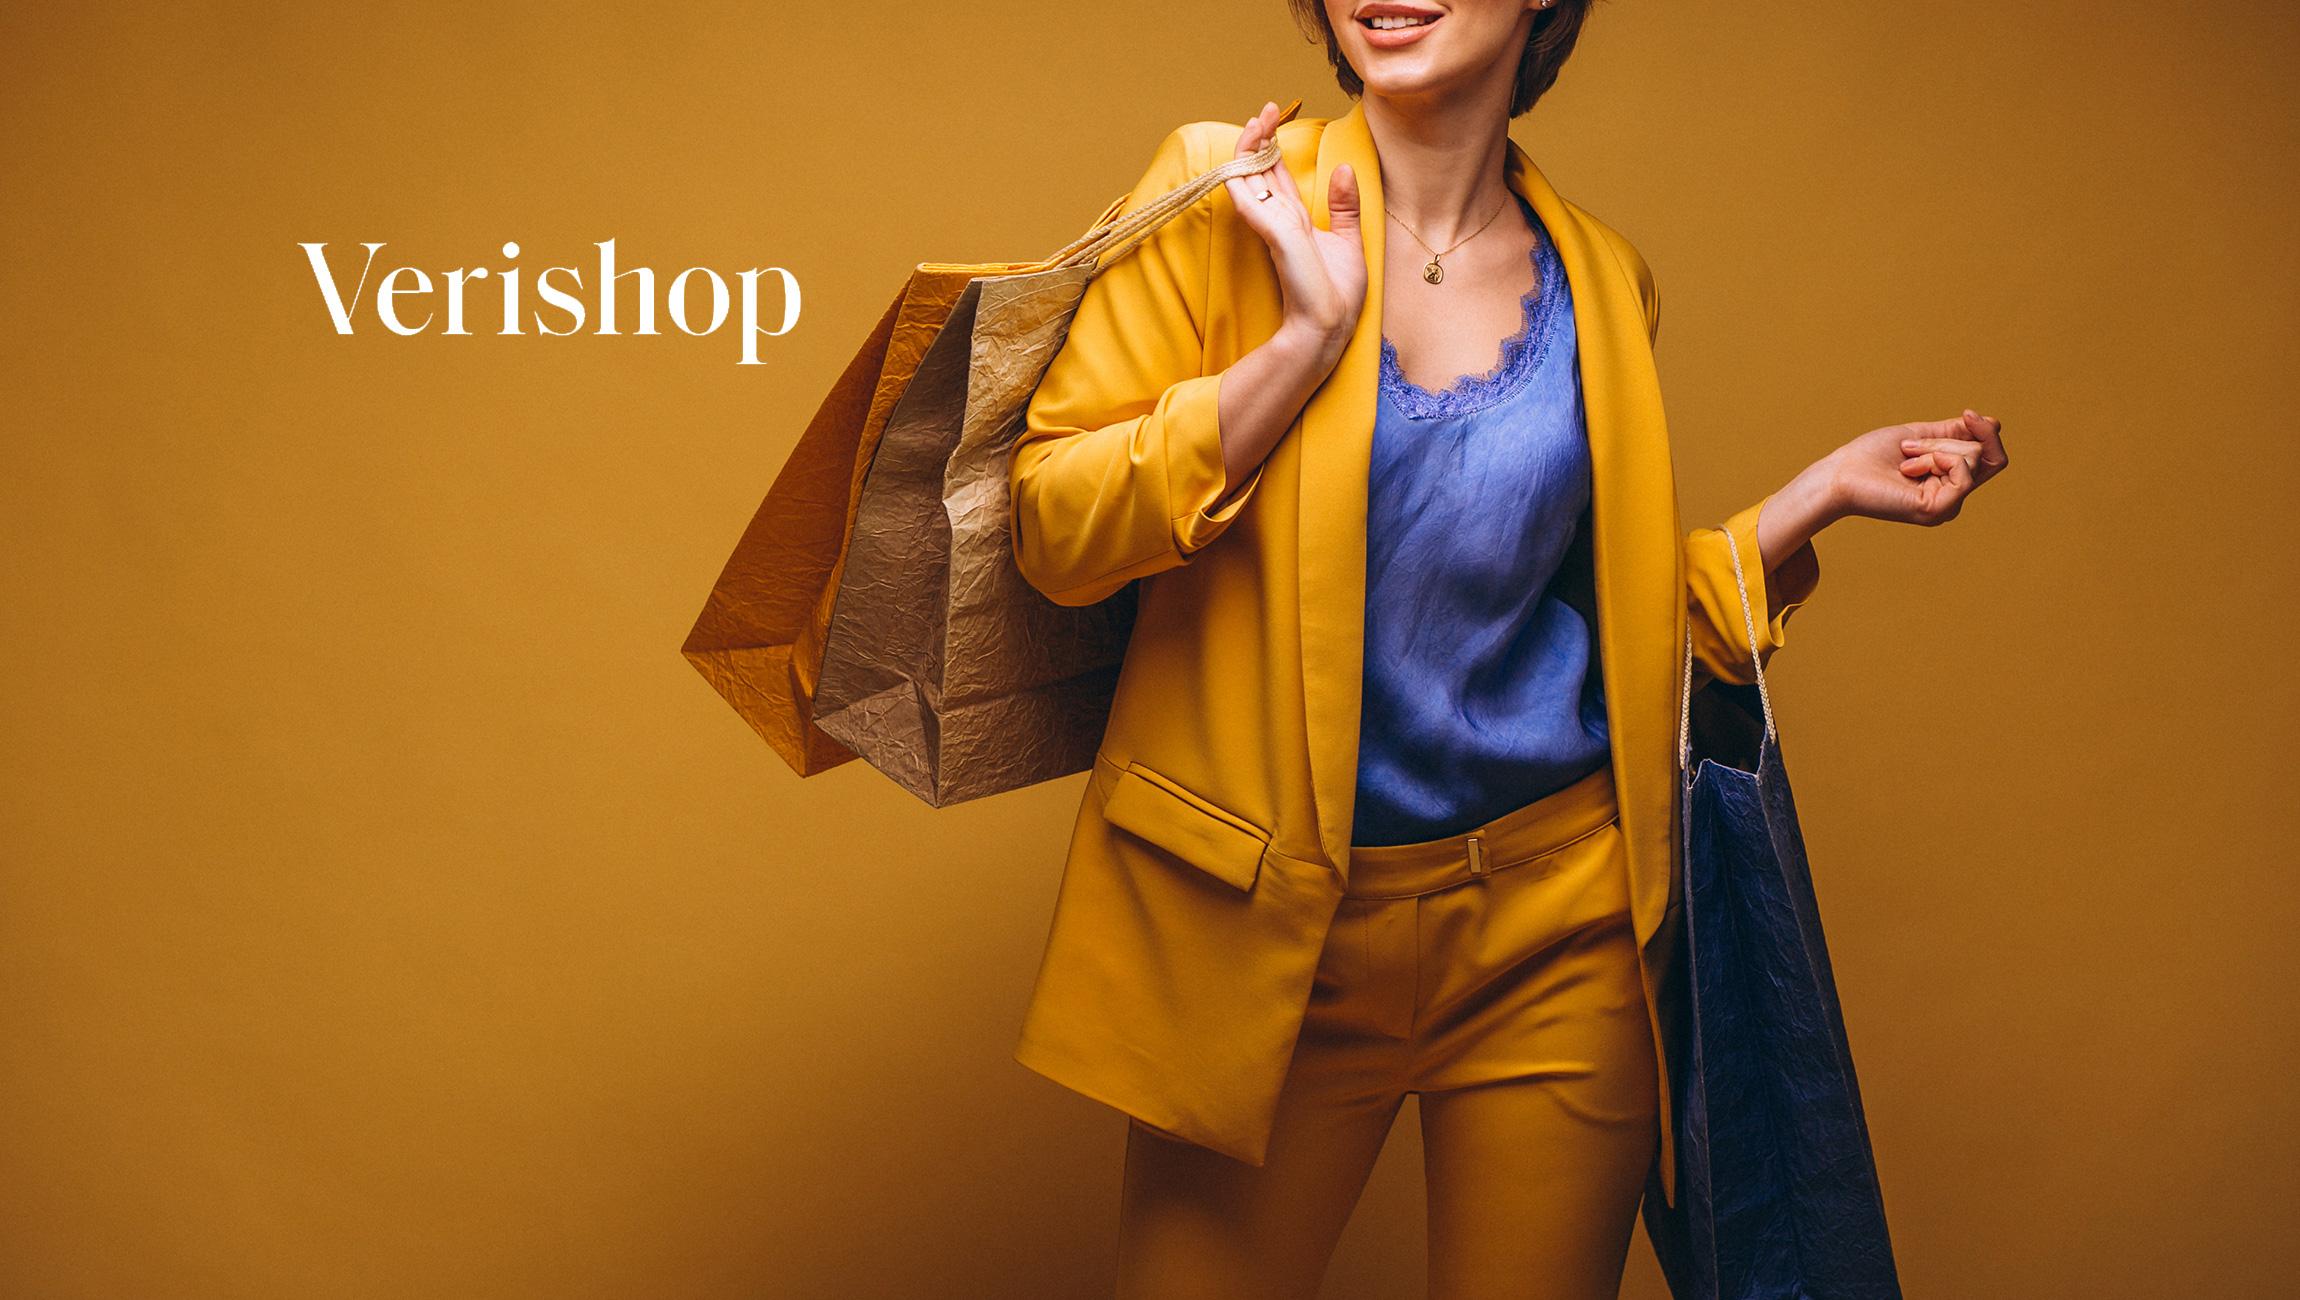 Verishop: End of Season Sale Up To 70% Off Fashion, Home & Beauty Sale!